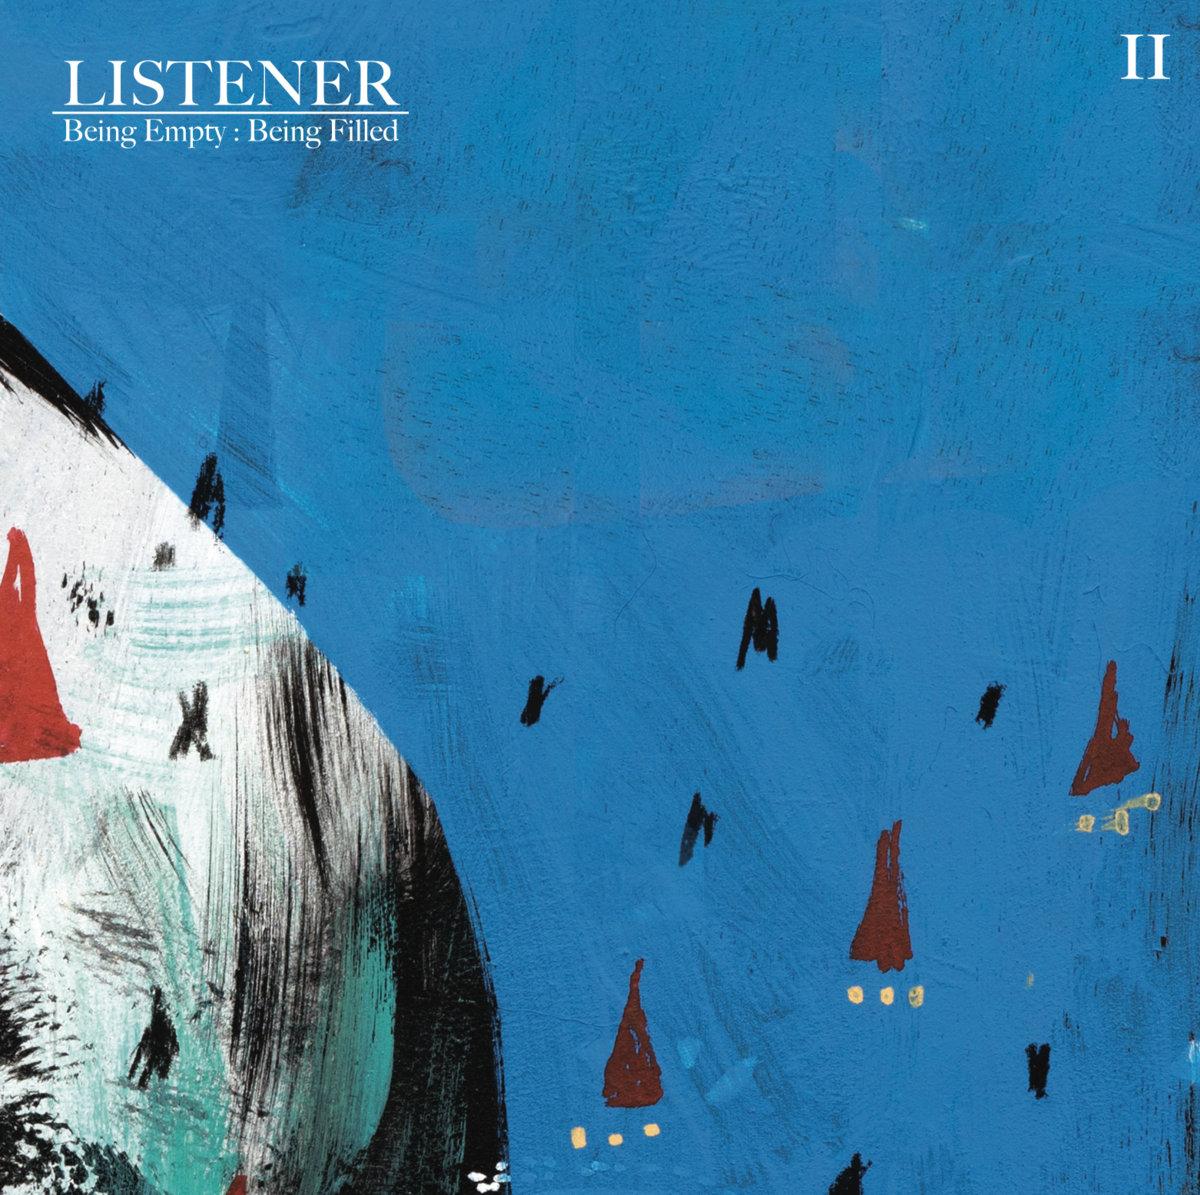 Listener - Being Empty : Being Filled Vol. II